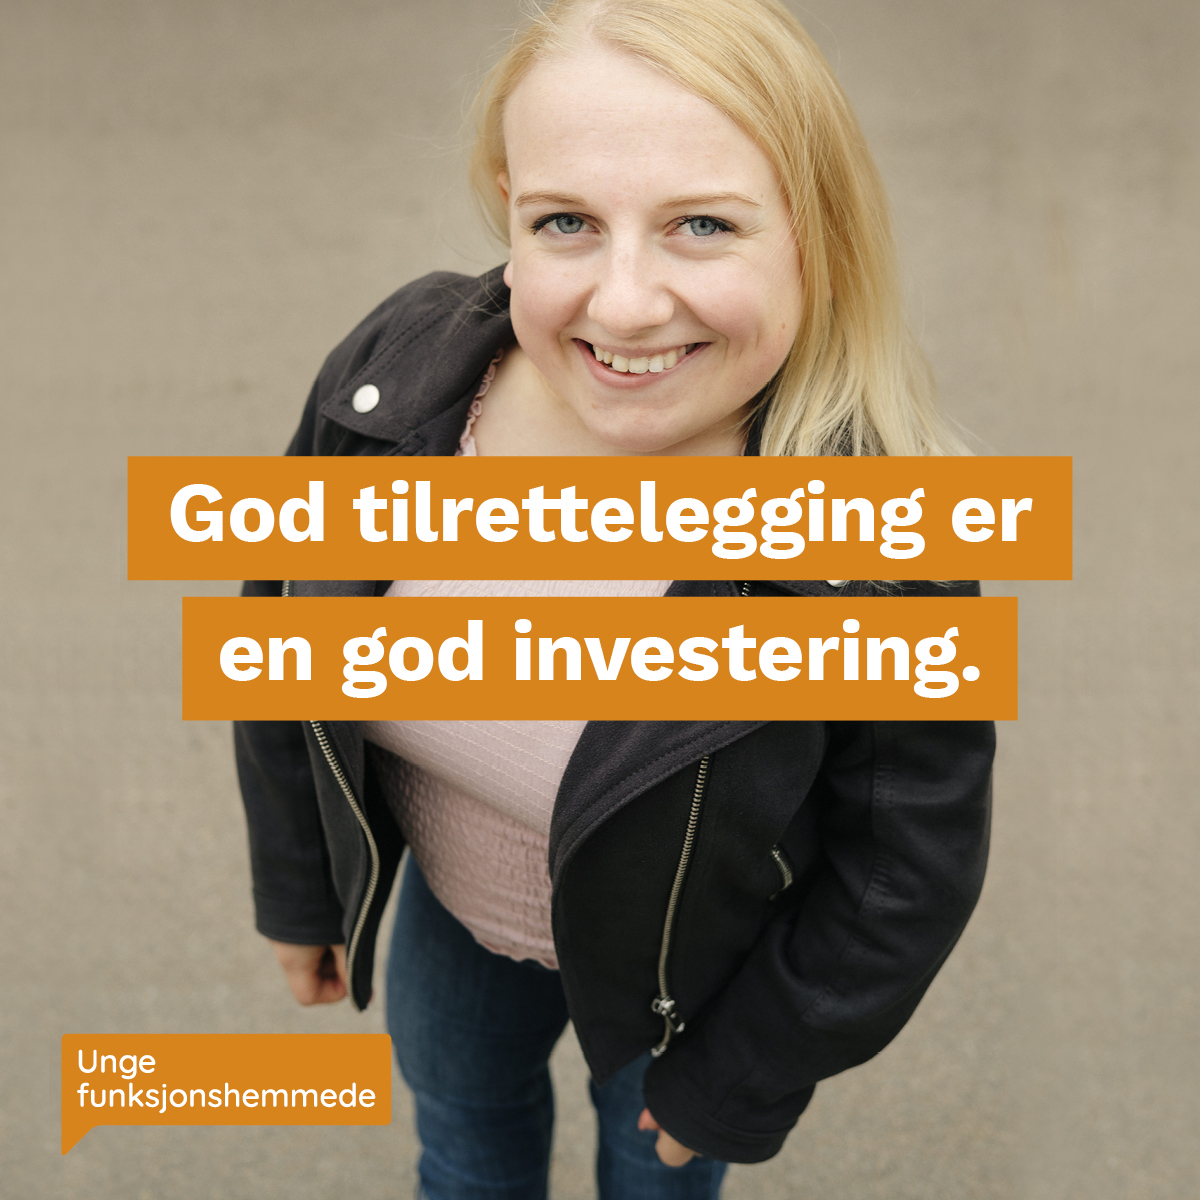 """Et nærbilde av en kvinne som smiler mot kamera. Midt i bildet står teksten """"God tilrettelegging er en god investering"""". I hjørnet synes Unge funksjonshemmedes logo."""